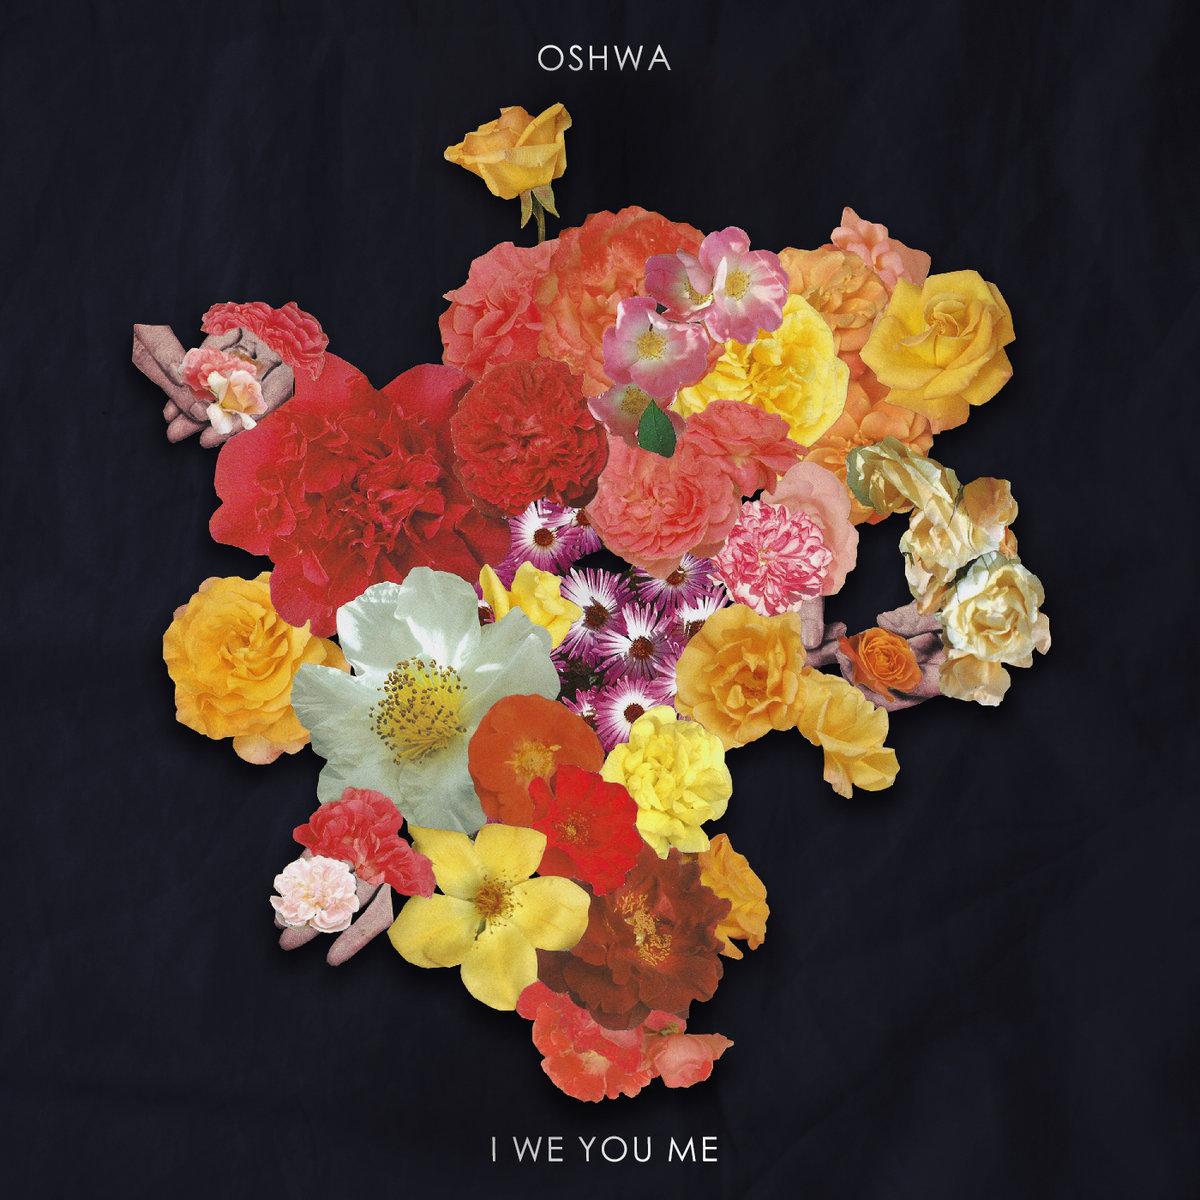 a2360493734 10 Stream: Chicago CoSign avant pop artist Oshwas new album I We You Me